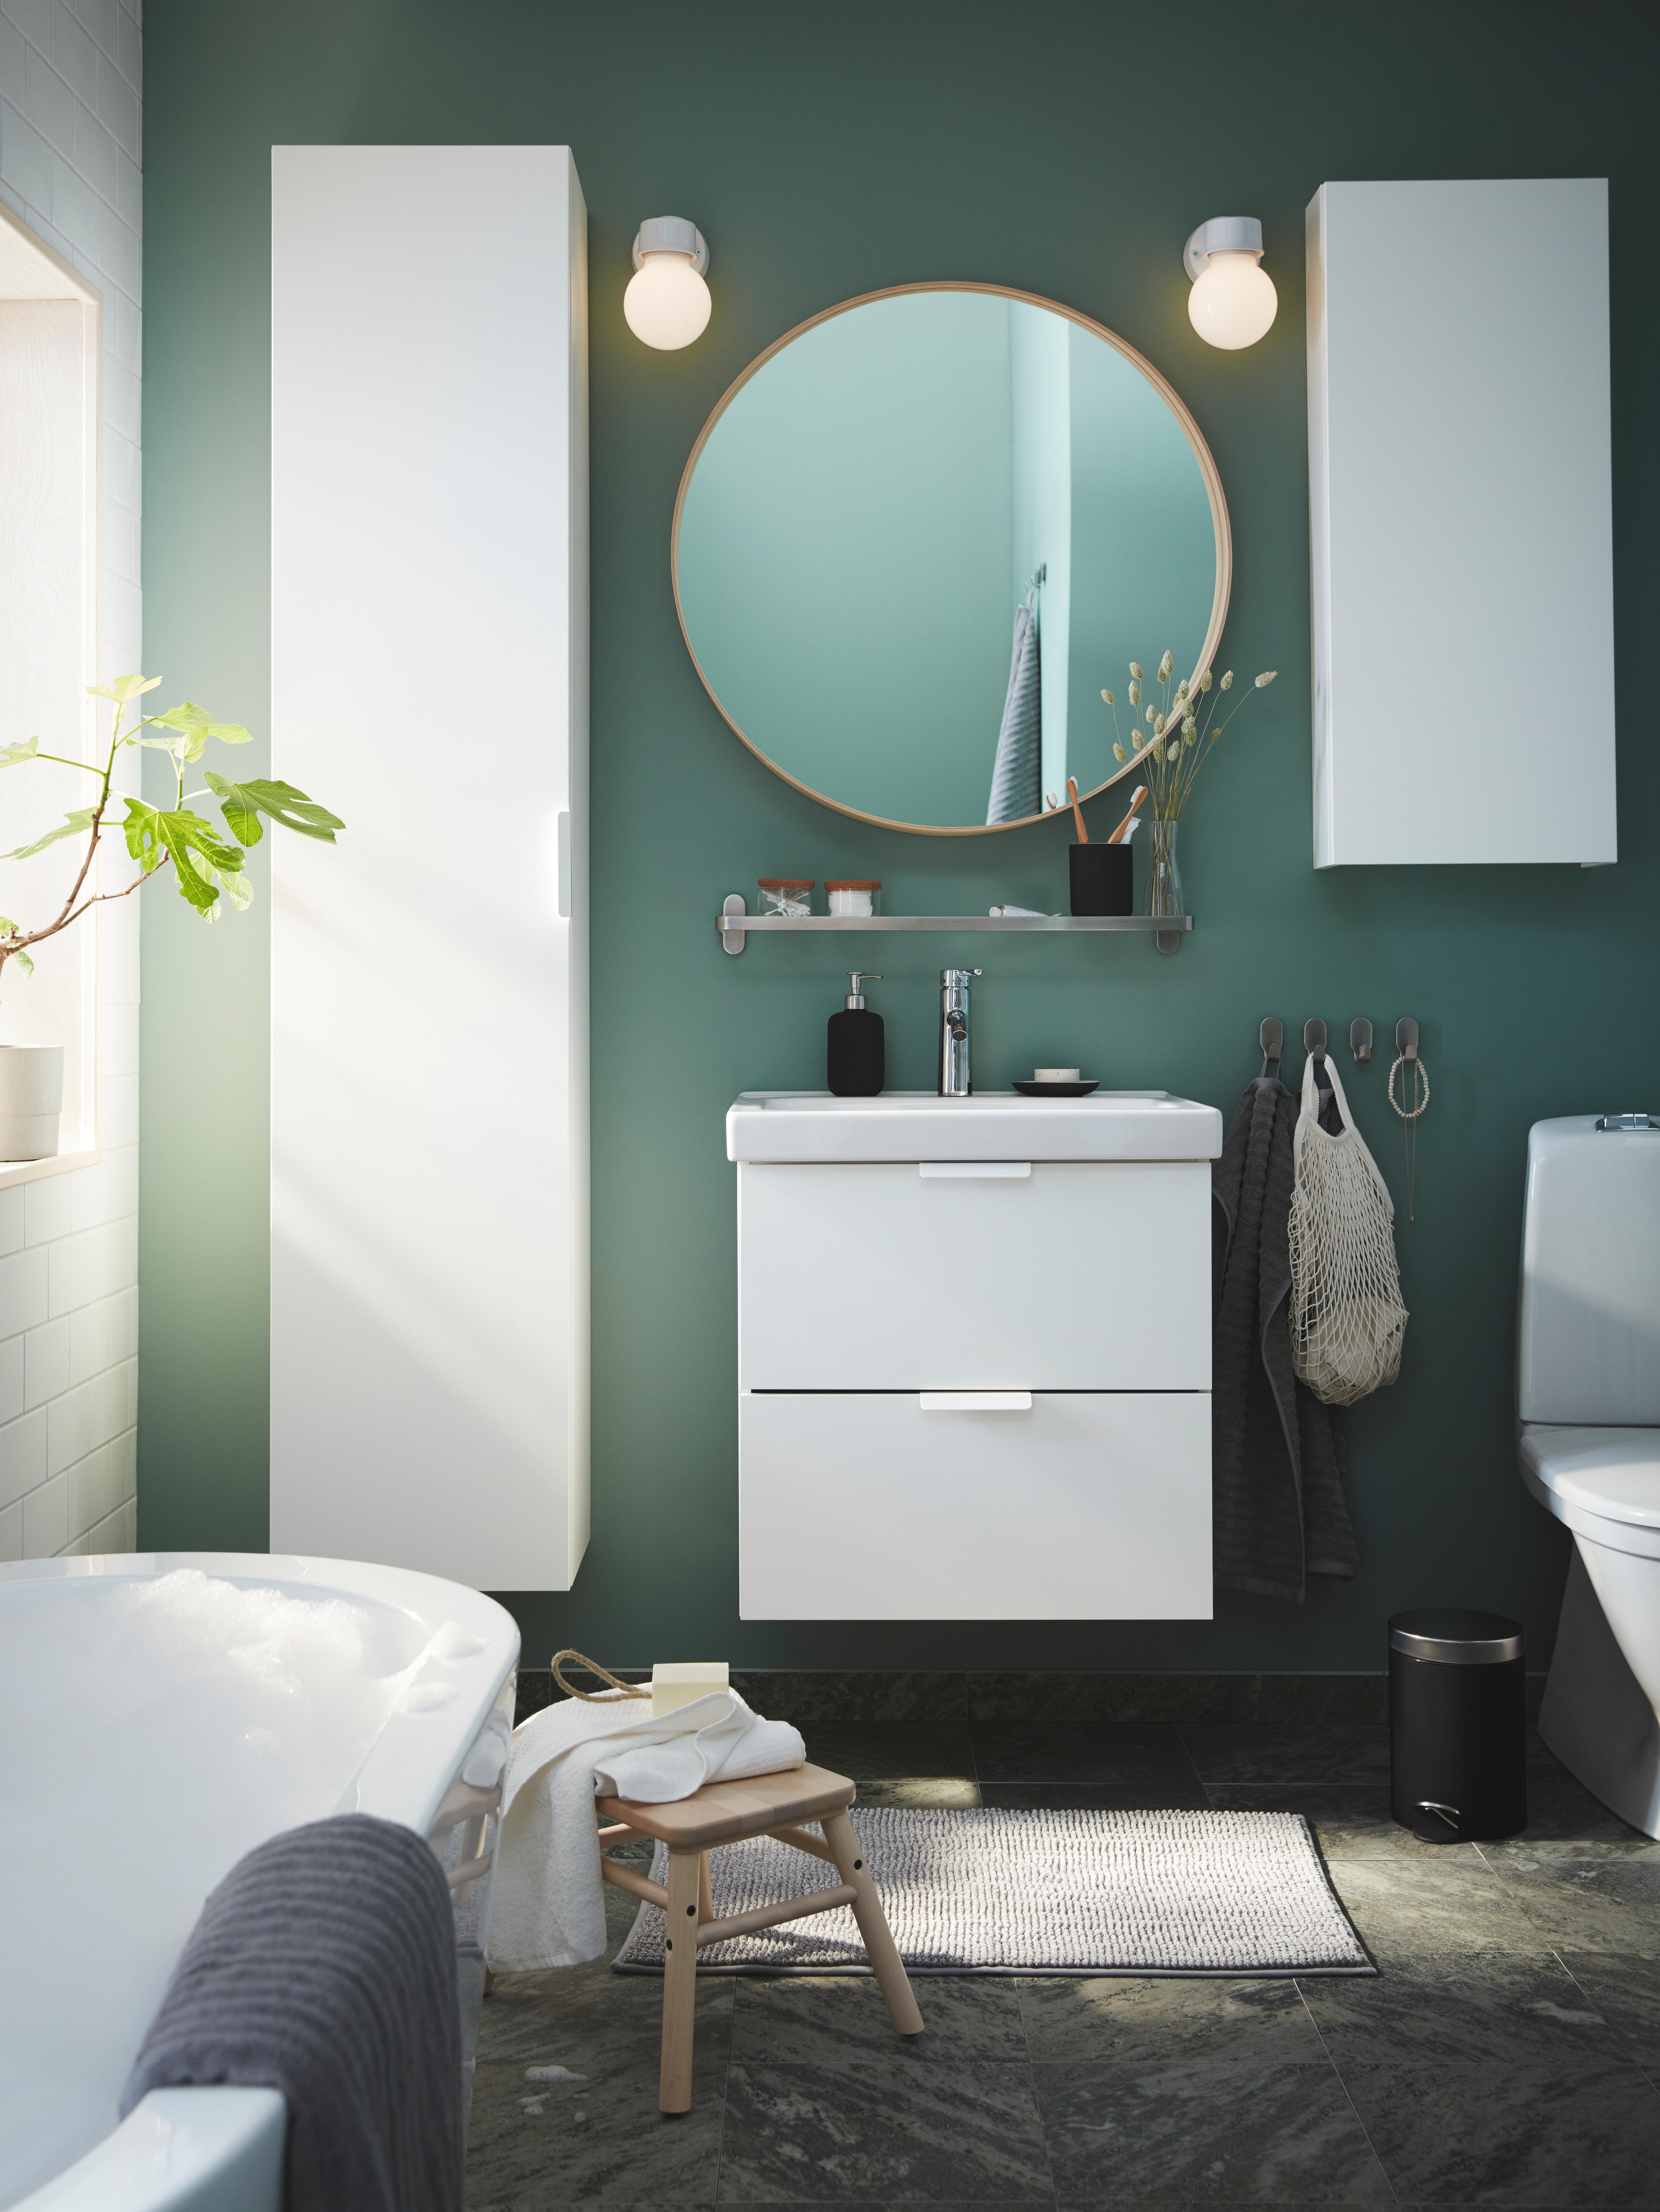 Specchio STOCKHOLM rotondo, in impiallacciatura di frassino, sulla parete verde di un bagno, sopra a un mobile per lavabo bianco e in mezzo a due mobili coordinati - IKEA